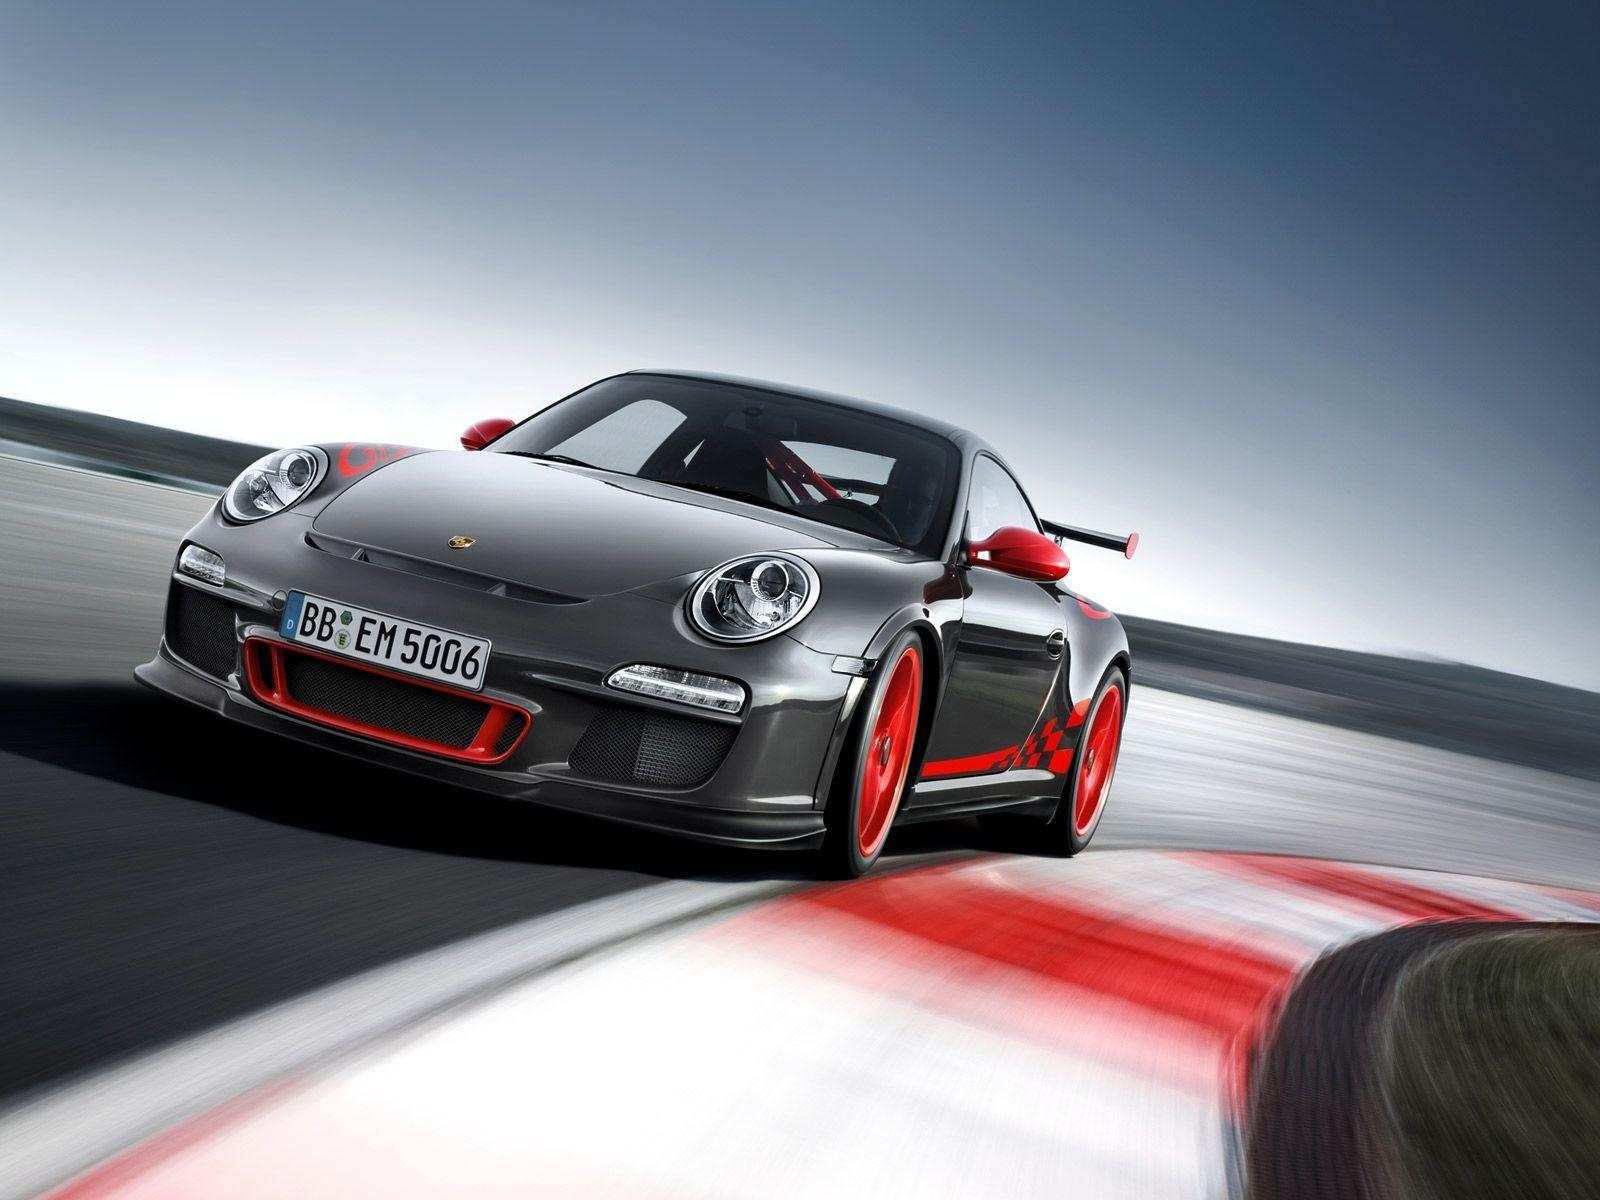 Porsche 911 Gt3 Rs Wallpapers Wallpaper Cave